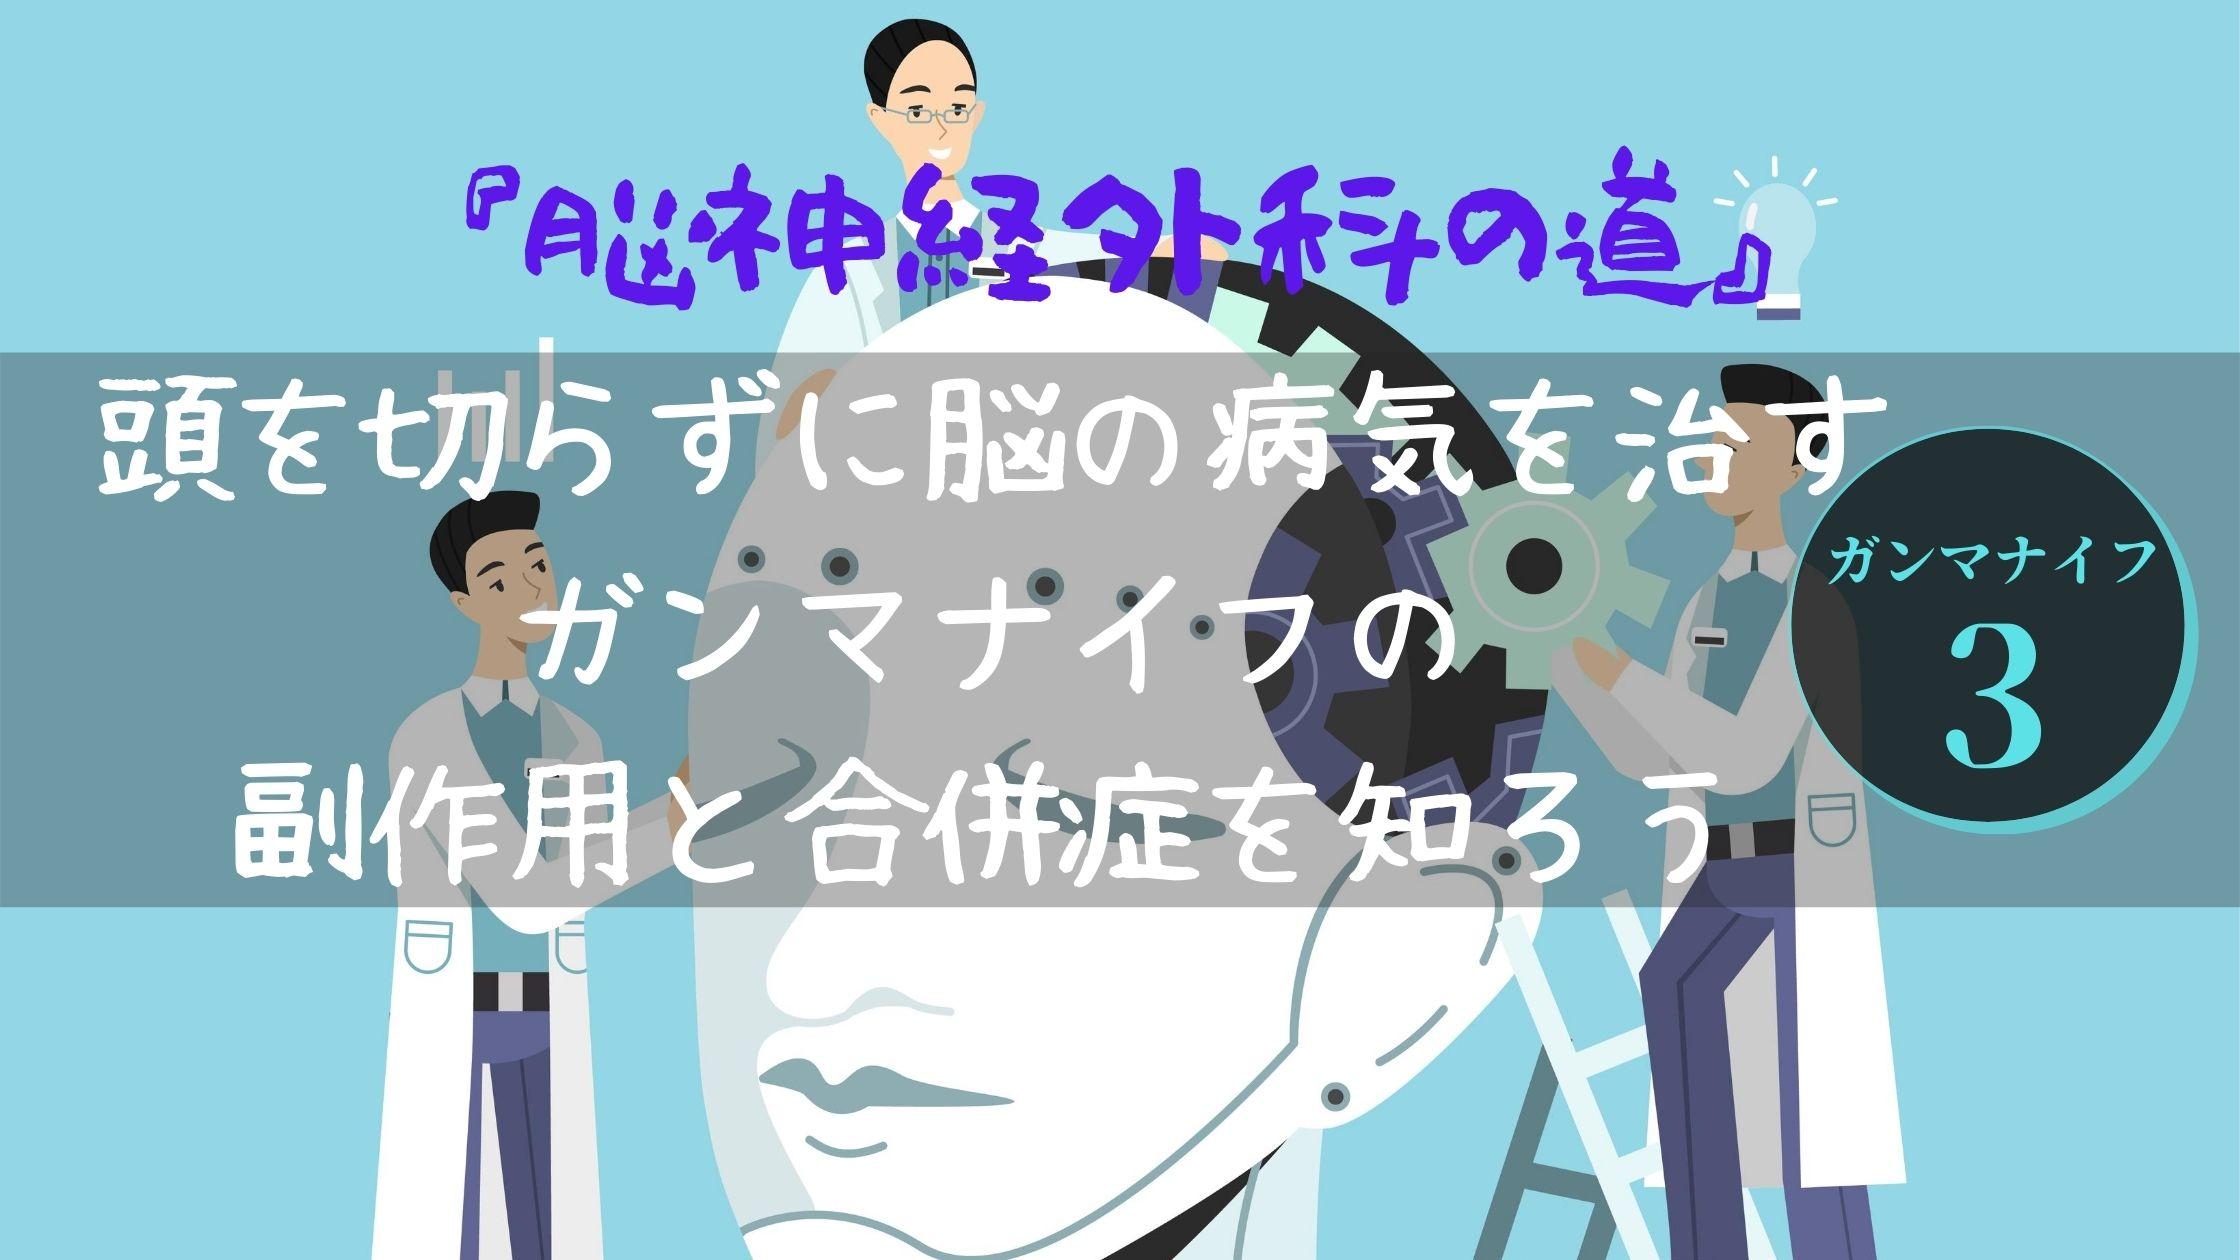 ガンマナイフの副作用と合併症-1